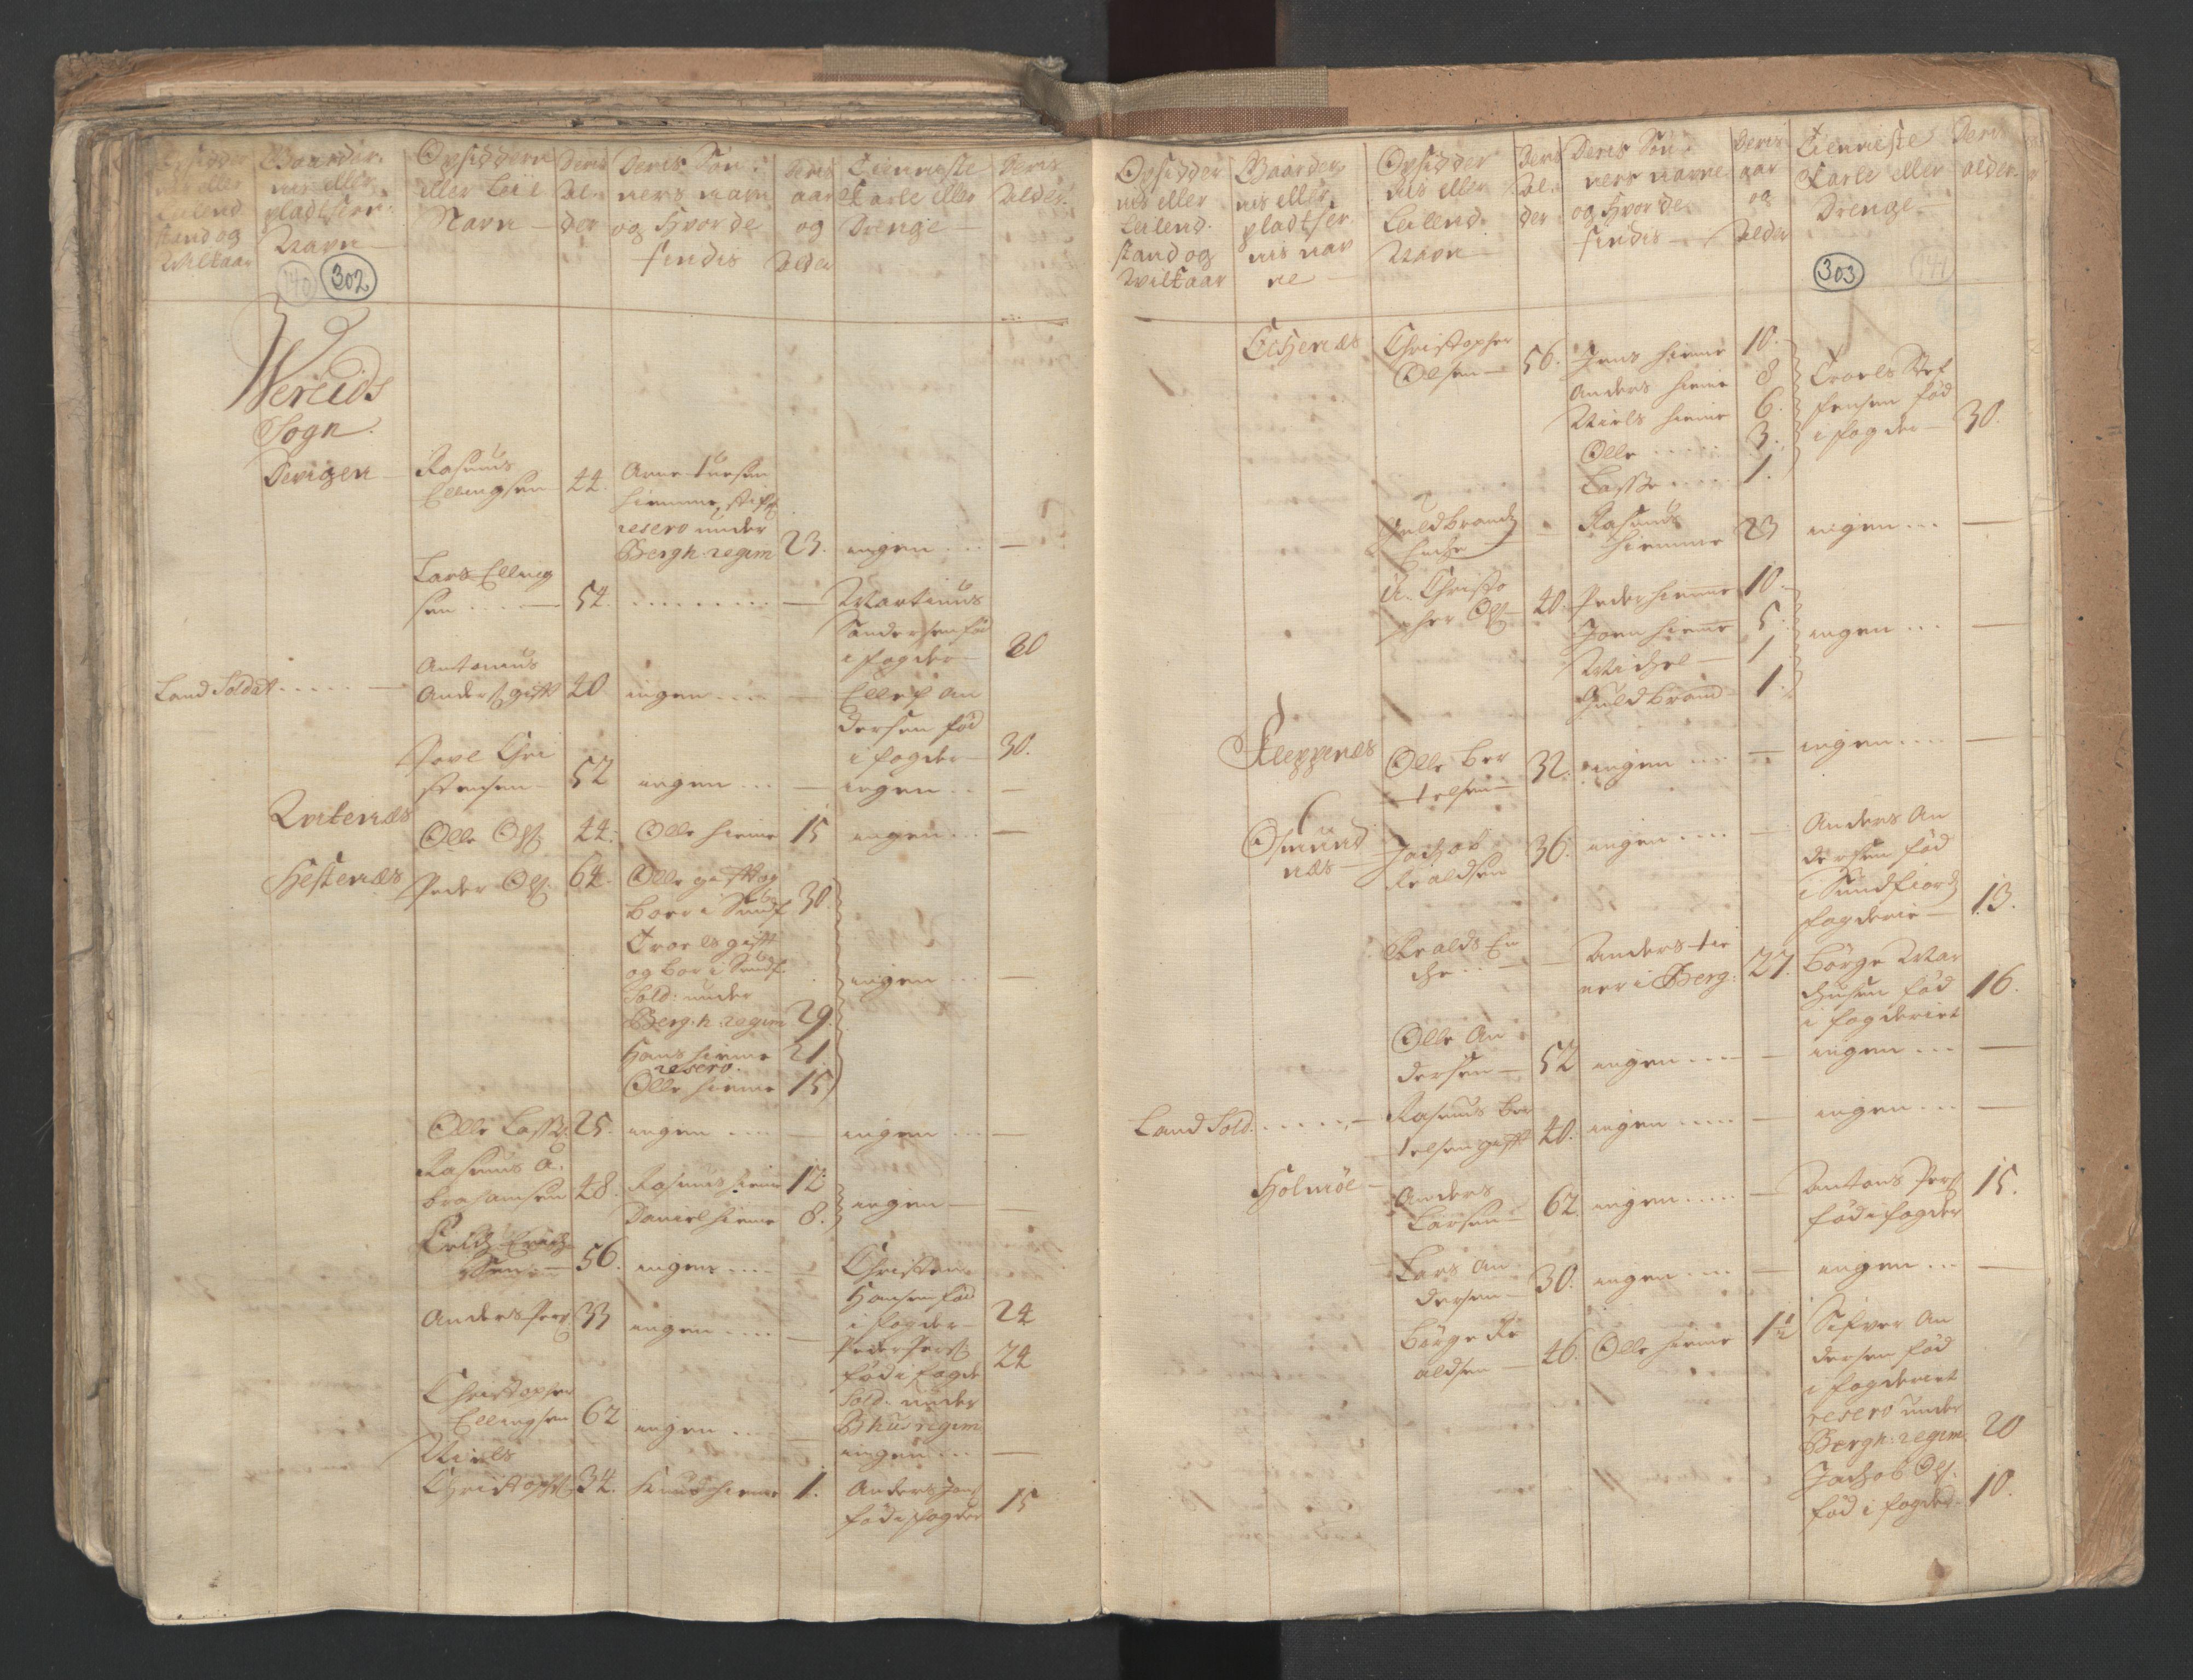 RA, Manntallet 1701, nr. 9: Sunnfjord fogderi, Nordfjord fogderi og Svanø birk, 1701, s. 302-303